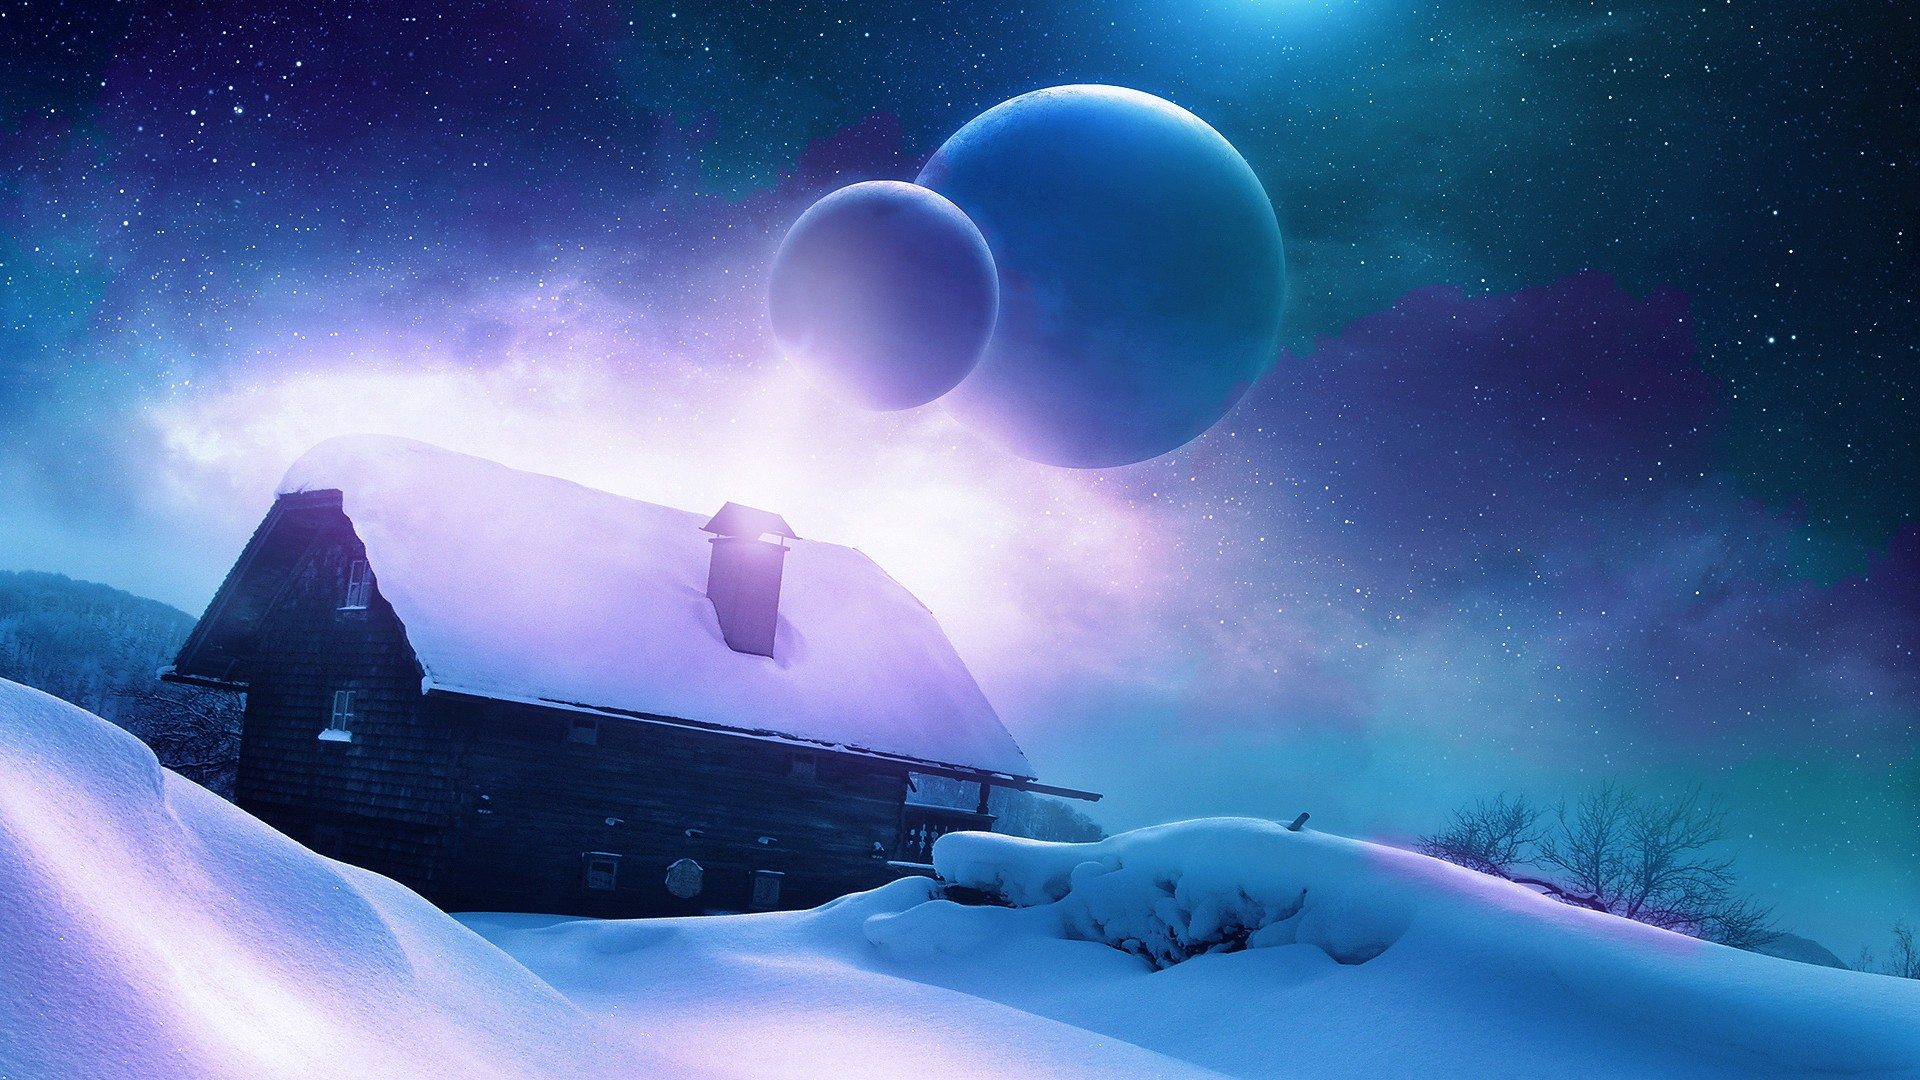 高清太空唯美桌面壁纸